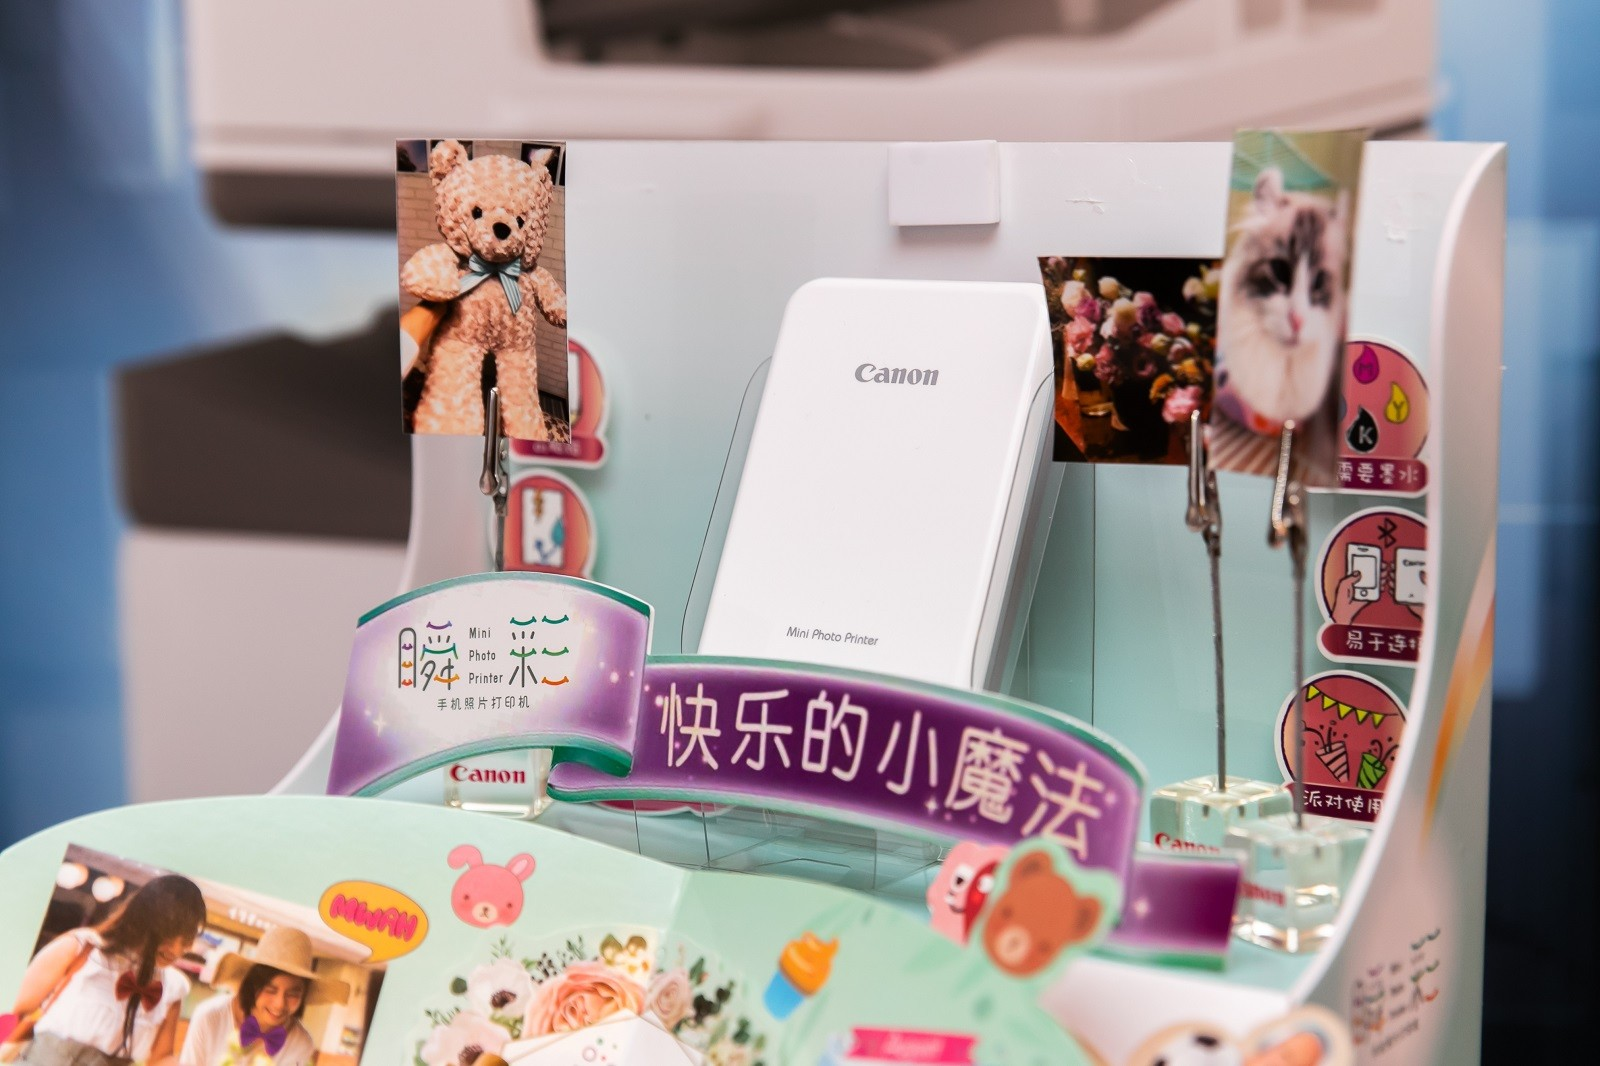 佳能(中国)旗下影像产品亮相2019中国智慧校园创新发展论坛-2.jpg